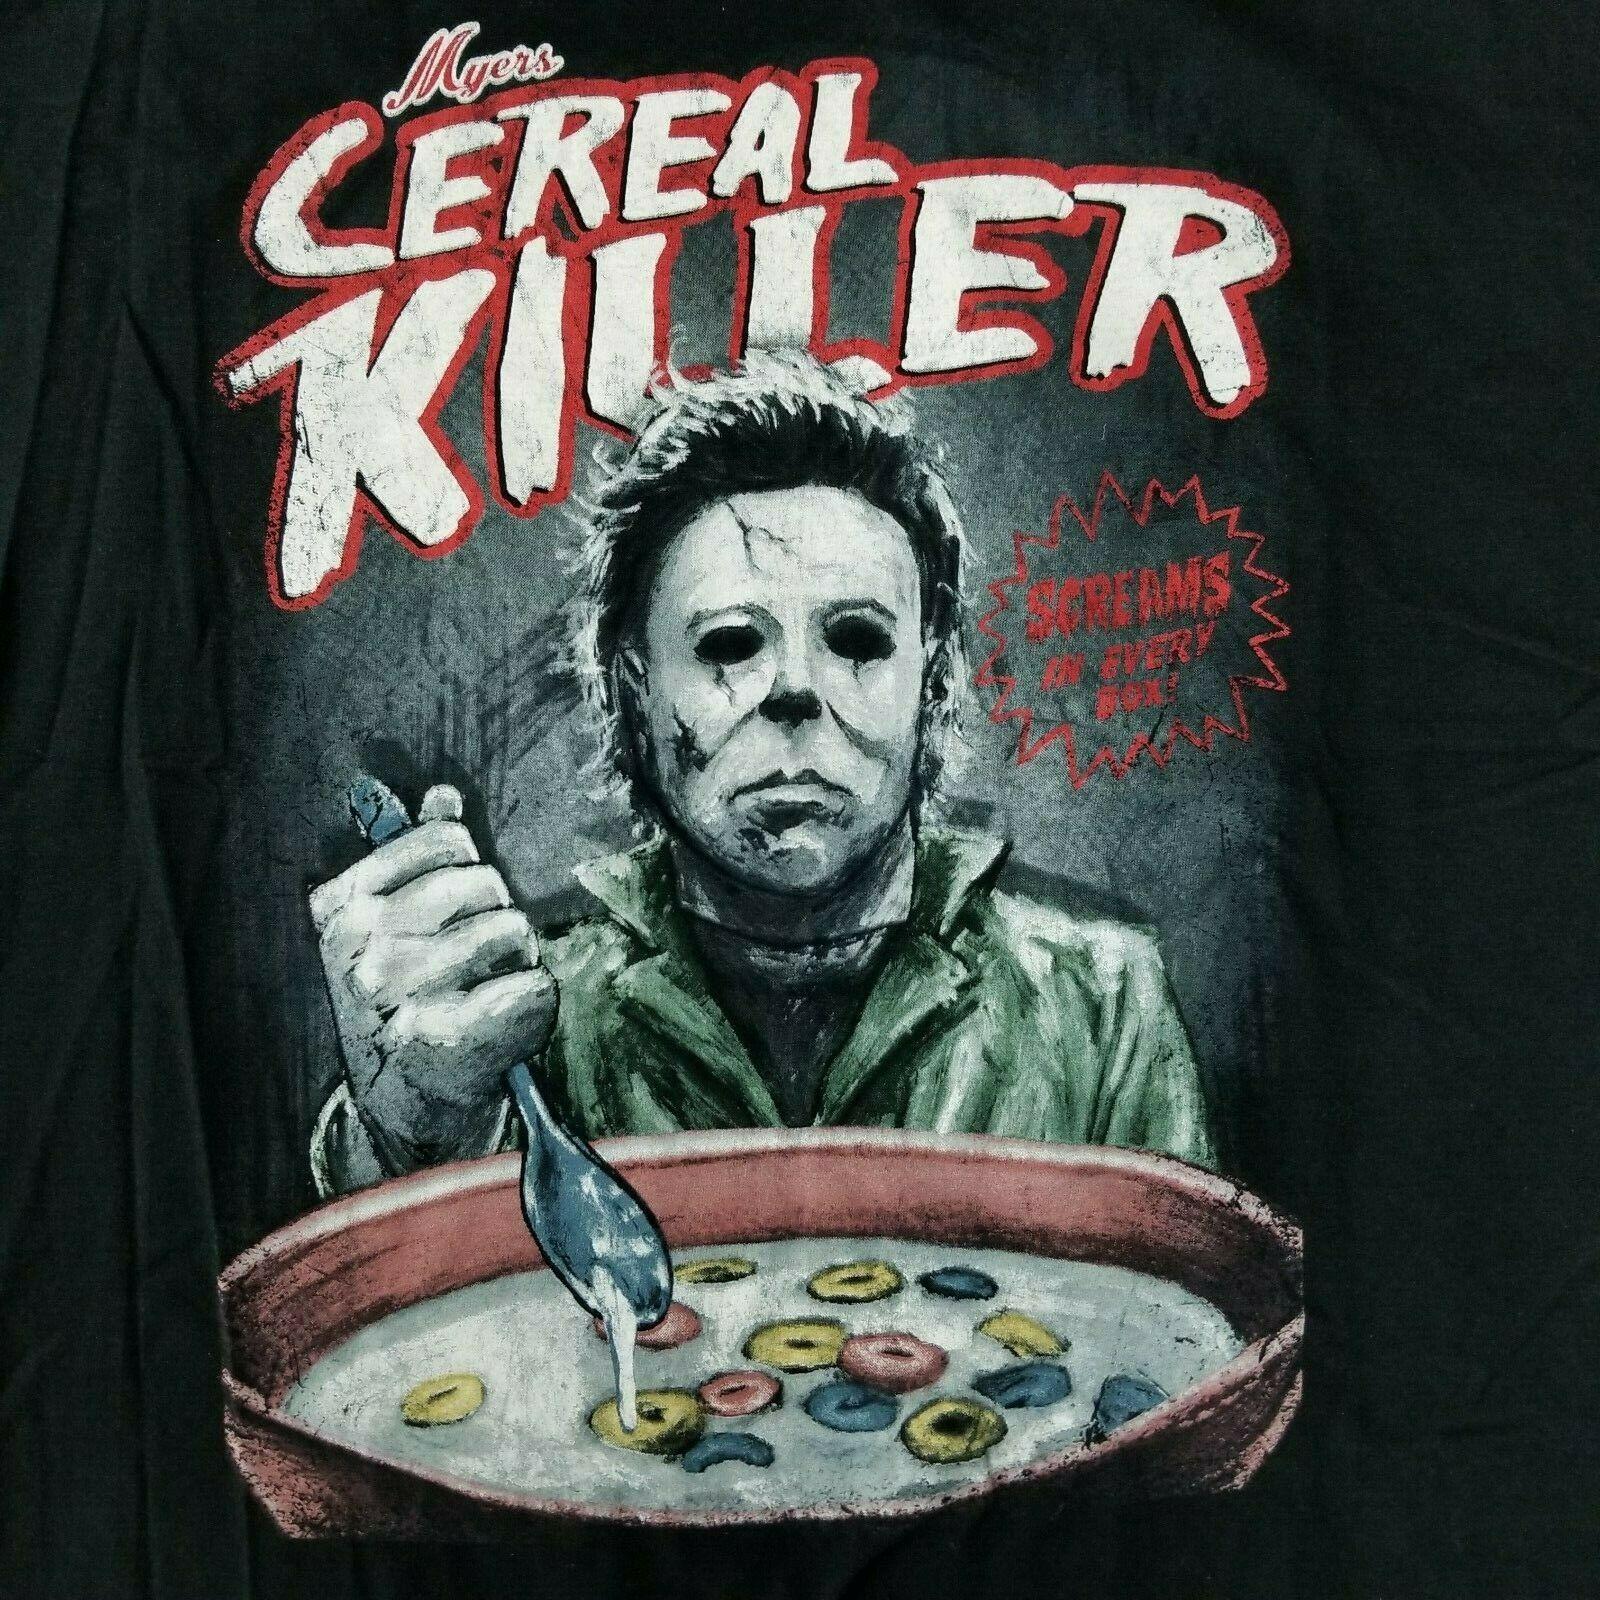 Halloween Michael Myers Men'S 2Xl T-Shirt Cereal Killer Licensed Horror Movie